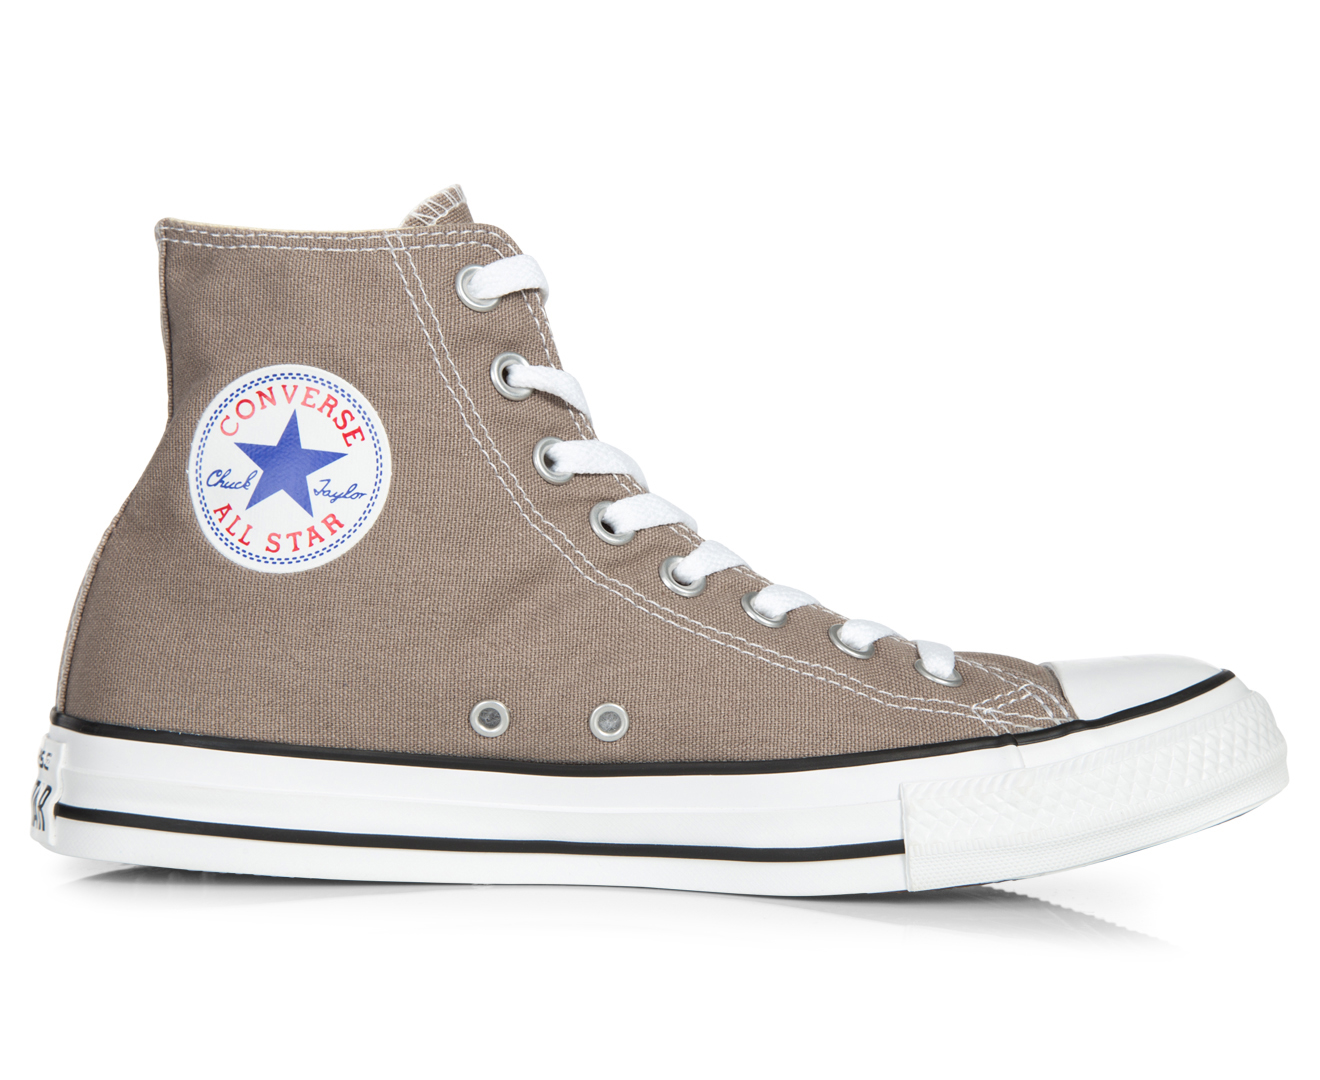 Converse Shoe Warranty